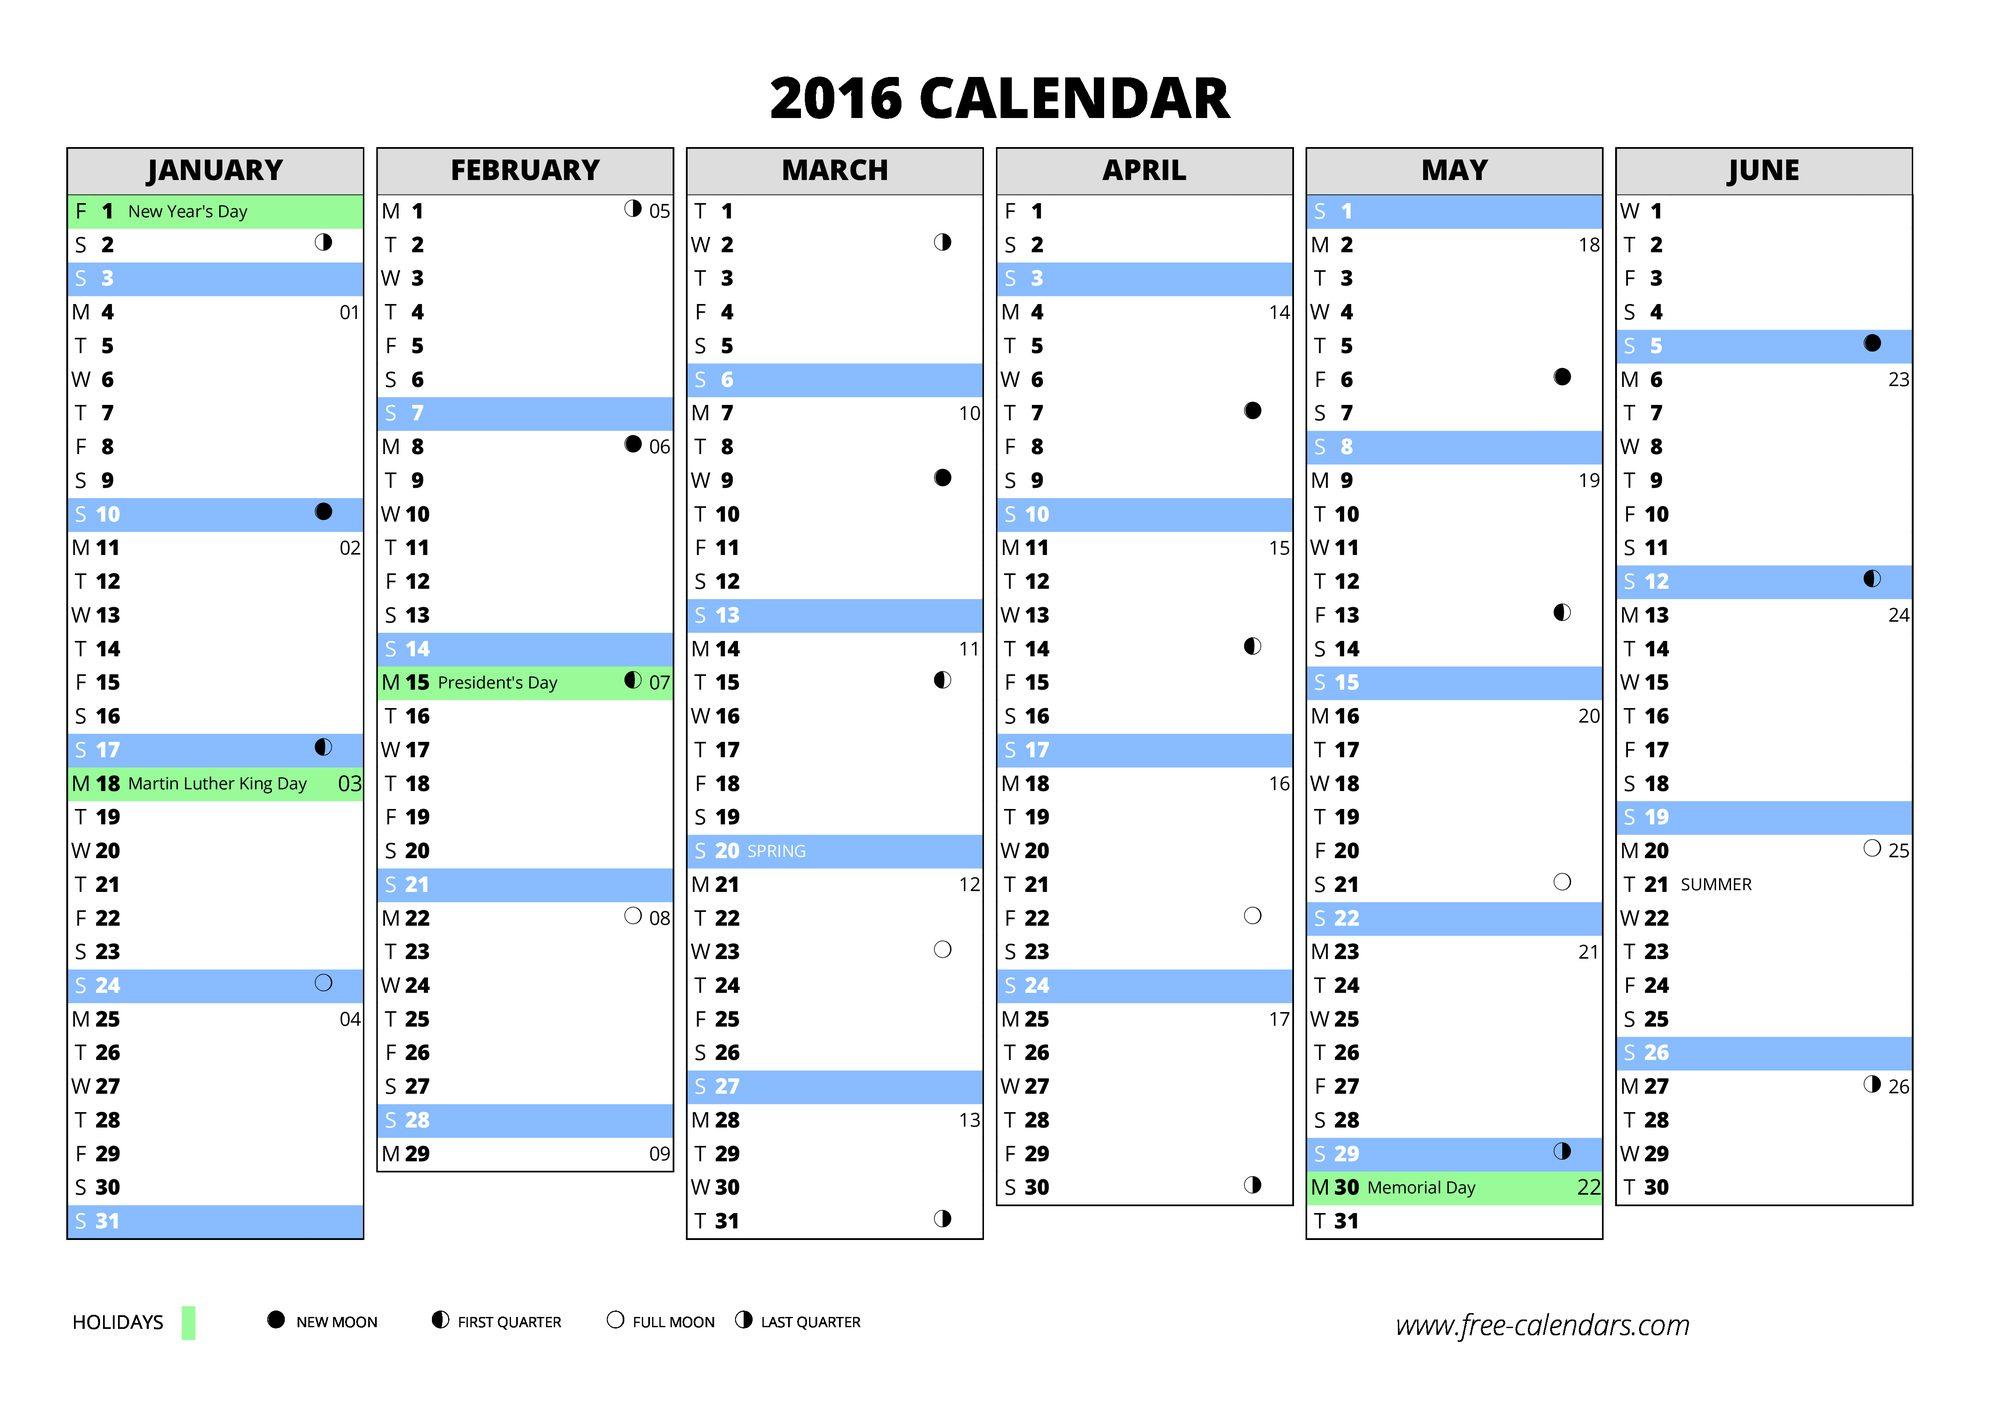 2016 calendar - free-calendars.com